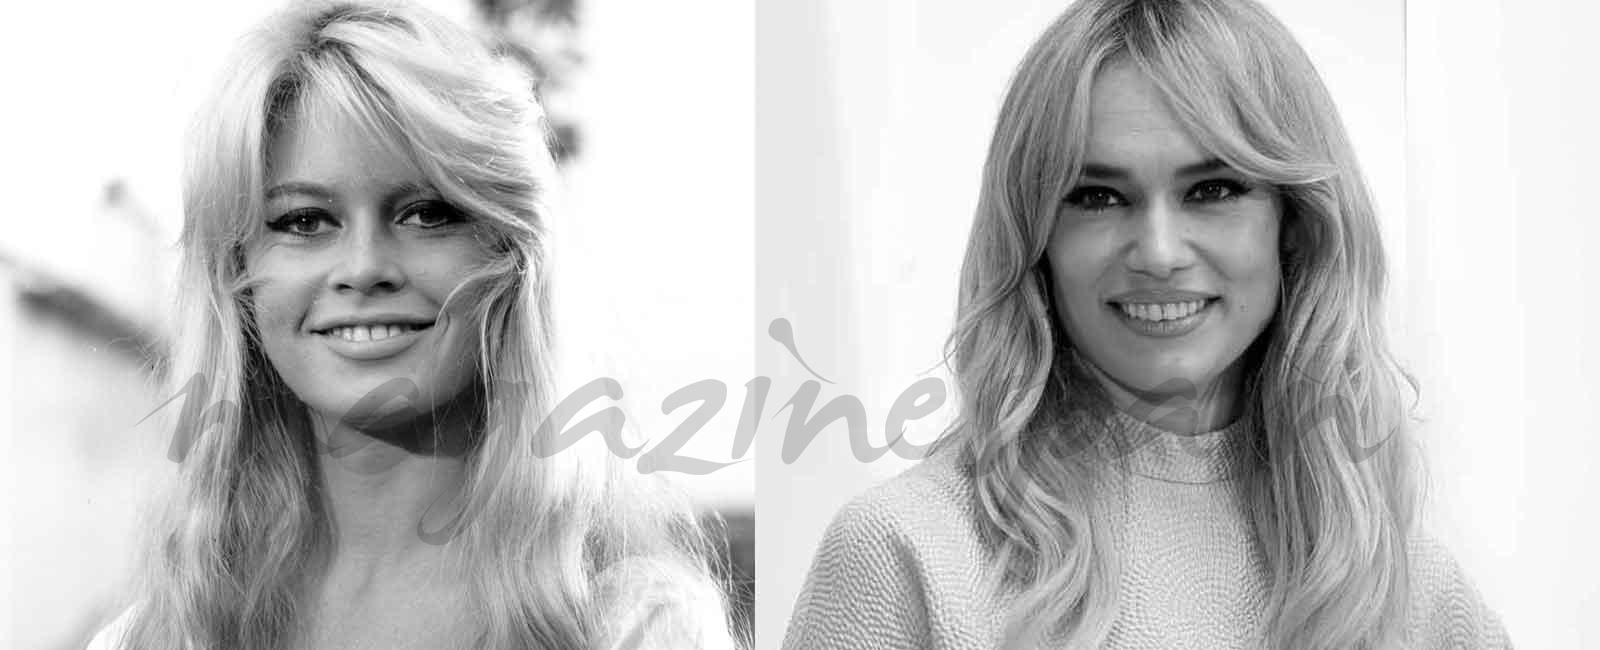 Patricia Conde se transforma en Brigitte Bardot